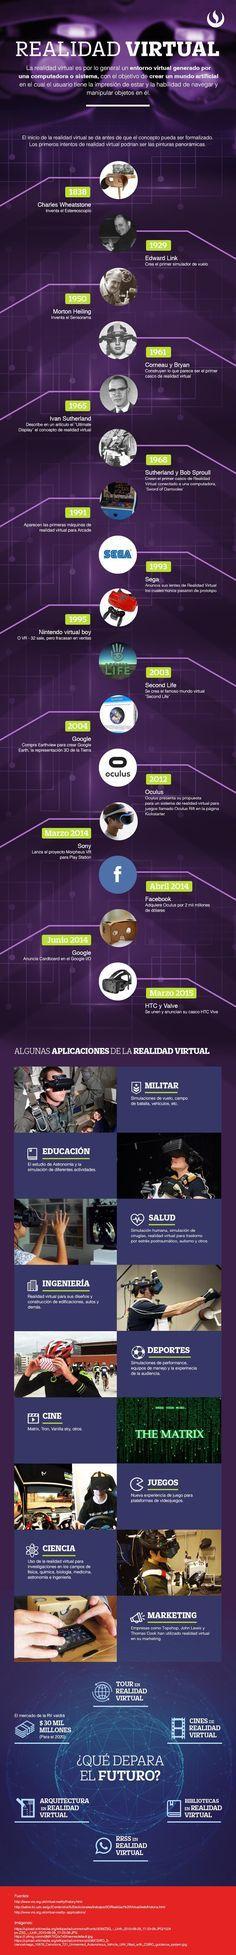 Realidad virtual #infografía